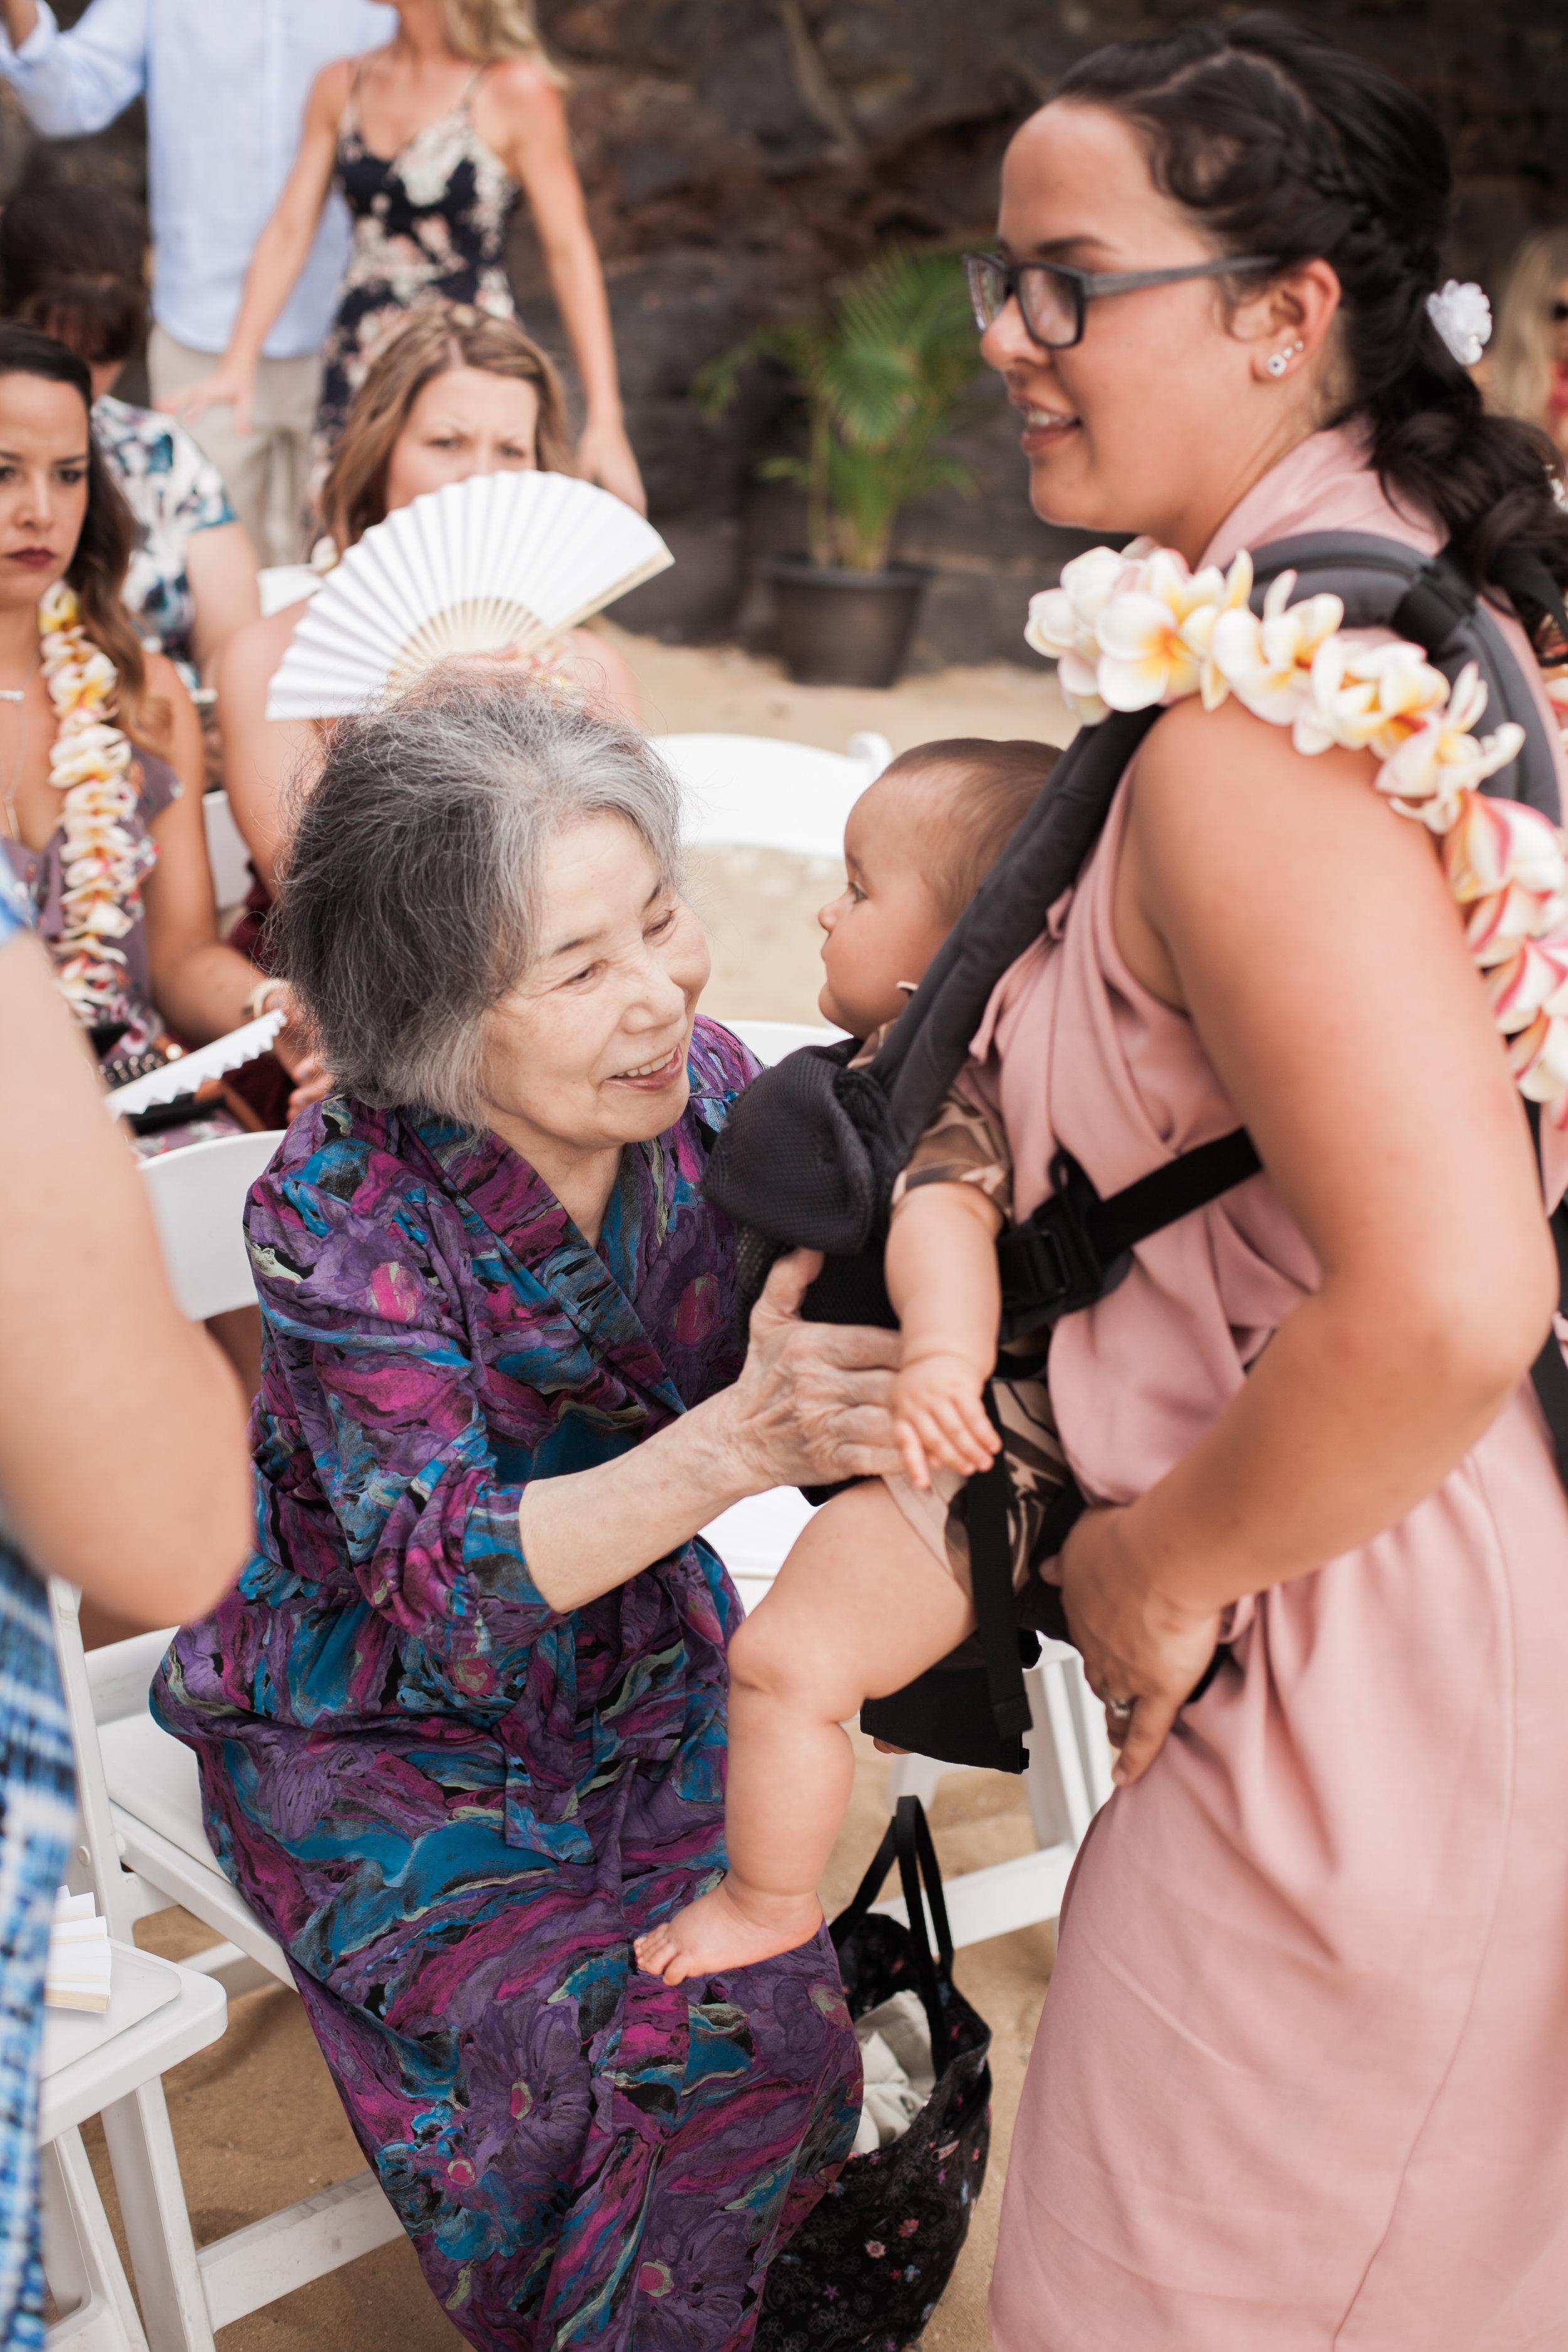 big island hawaii royal kona resort beach wedding © kelilina photography 20170520163113.jpg